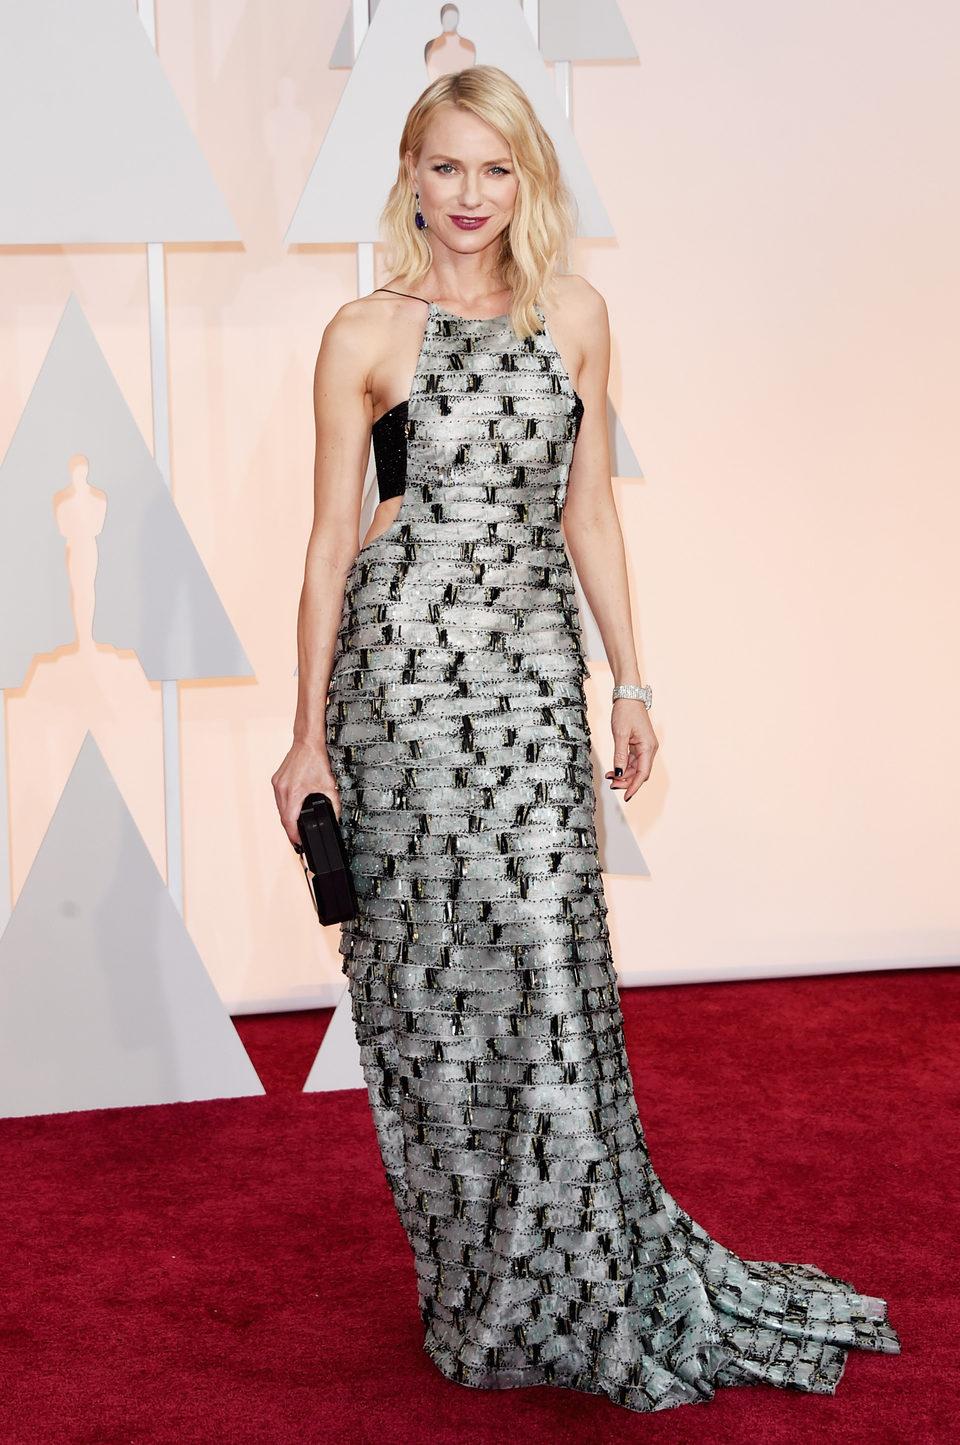 Naomi Watts en la alfombra roja de los premios Oscar 2015